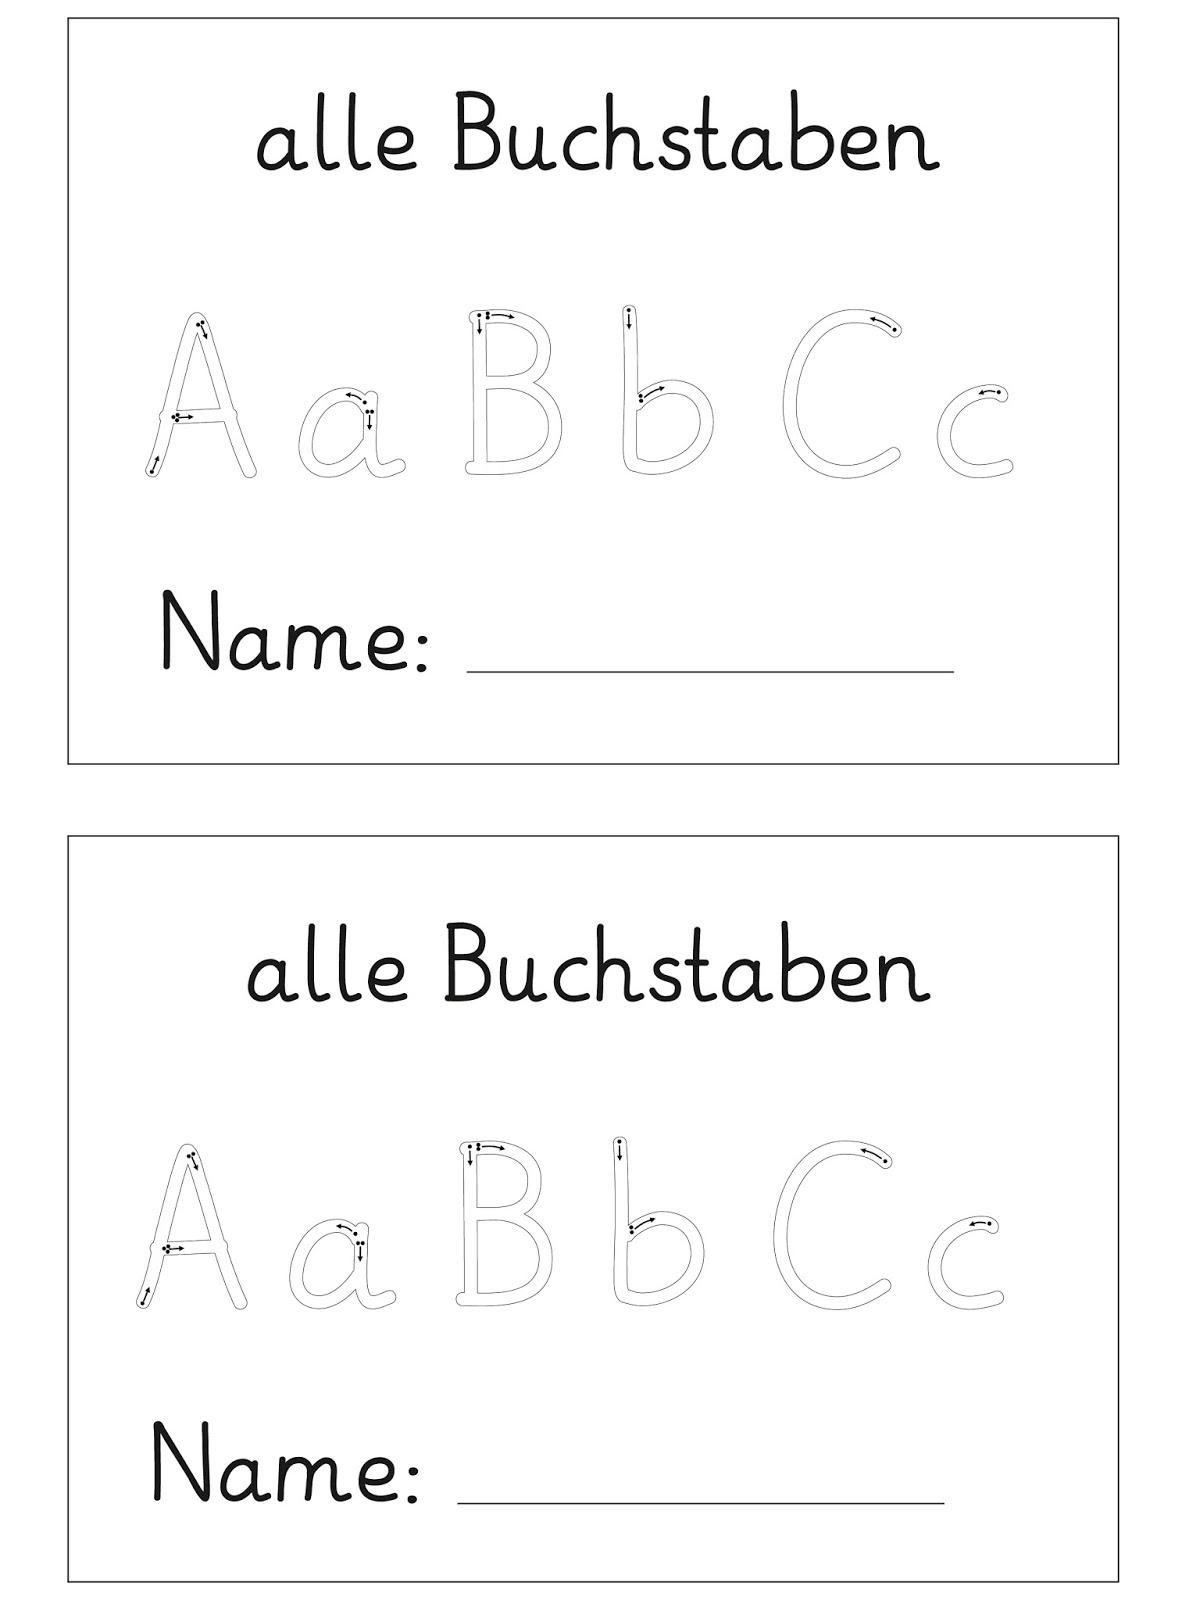 Arbeitsblatt Buchstaben Wiederholen : Lernstübchen zur wiederholung der buchstaben